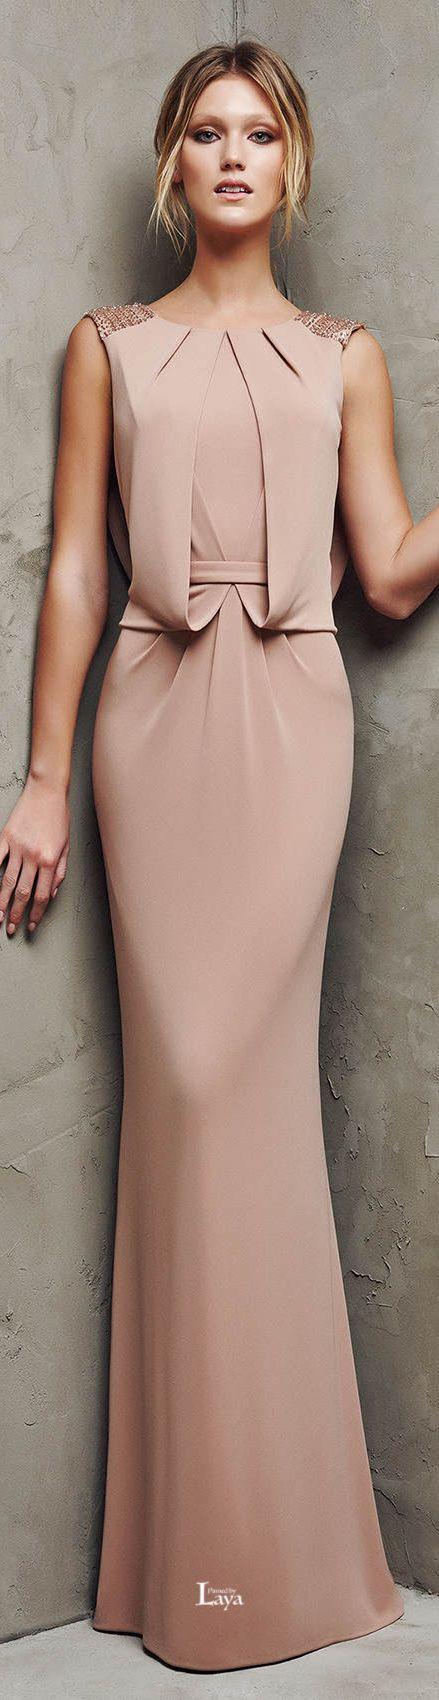 Glamour Gowns / karen cox. Pronovias 2016 EVENING Dresses                                                                                                                                                                                 More